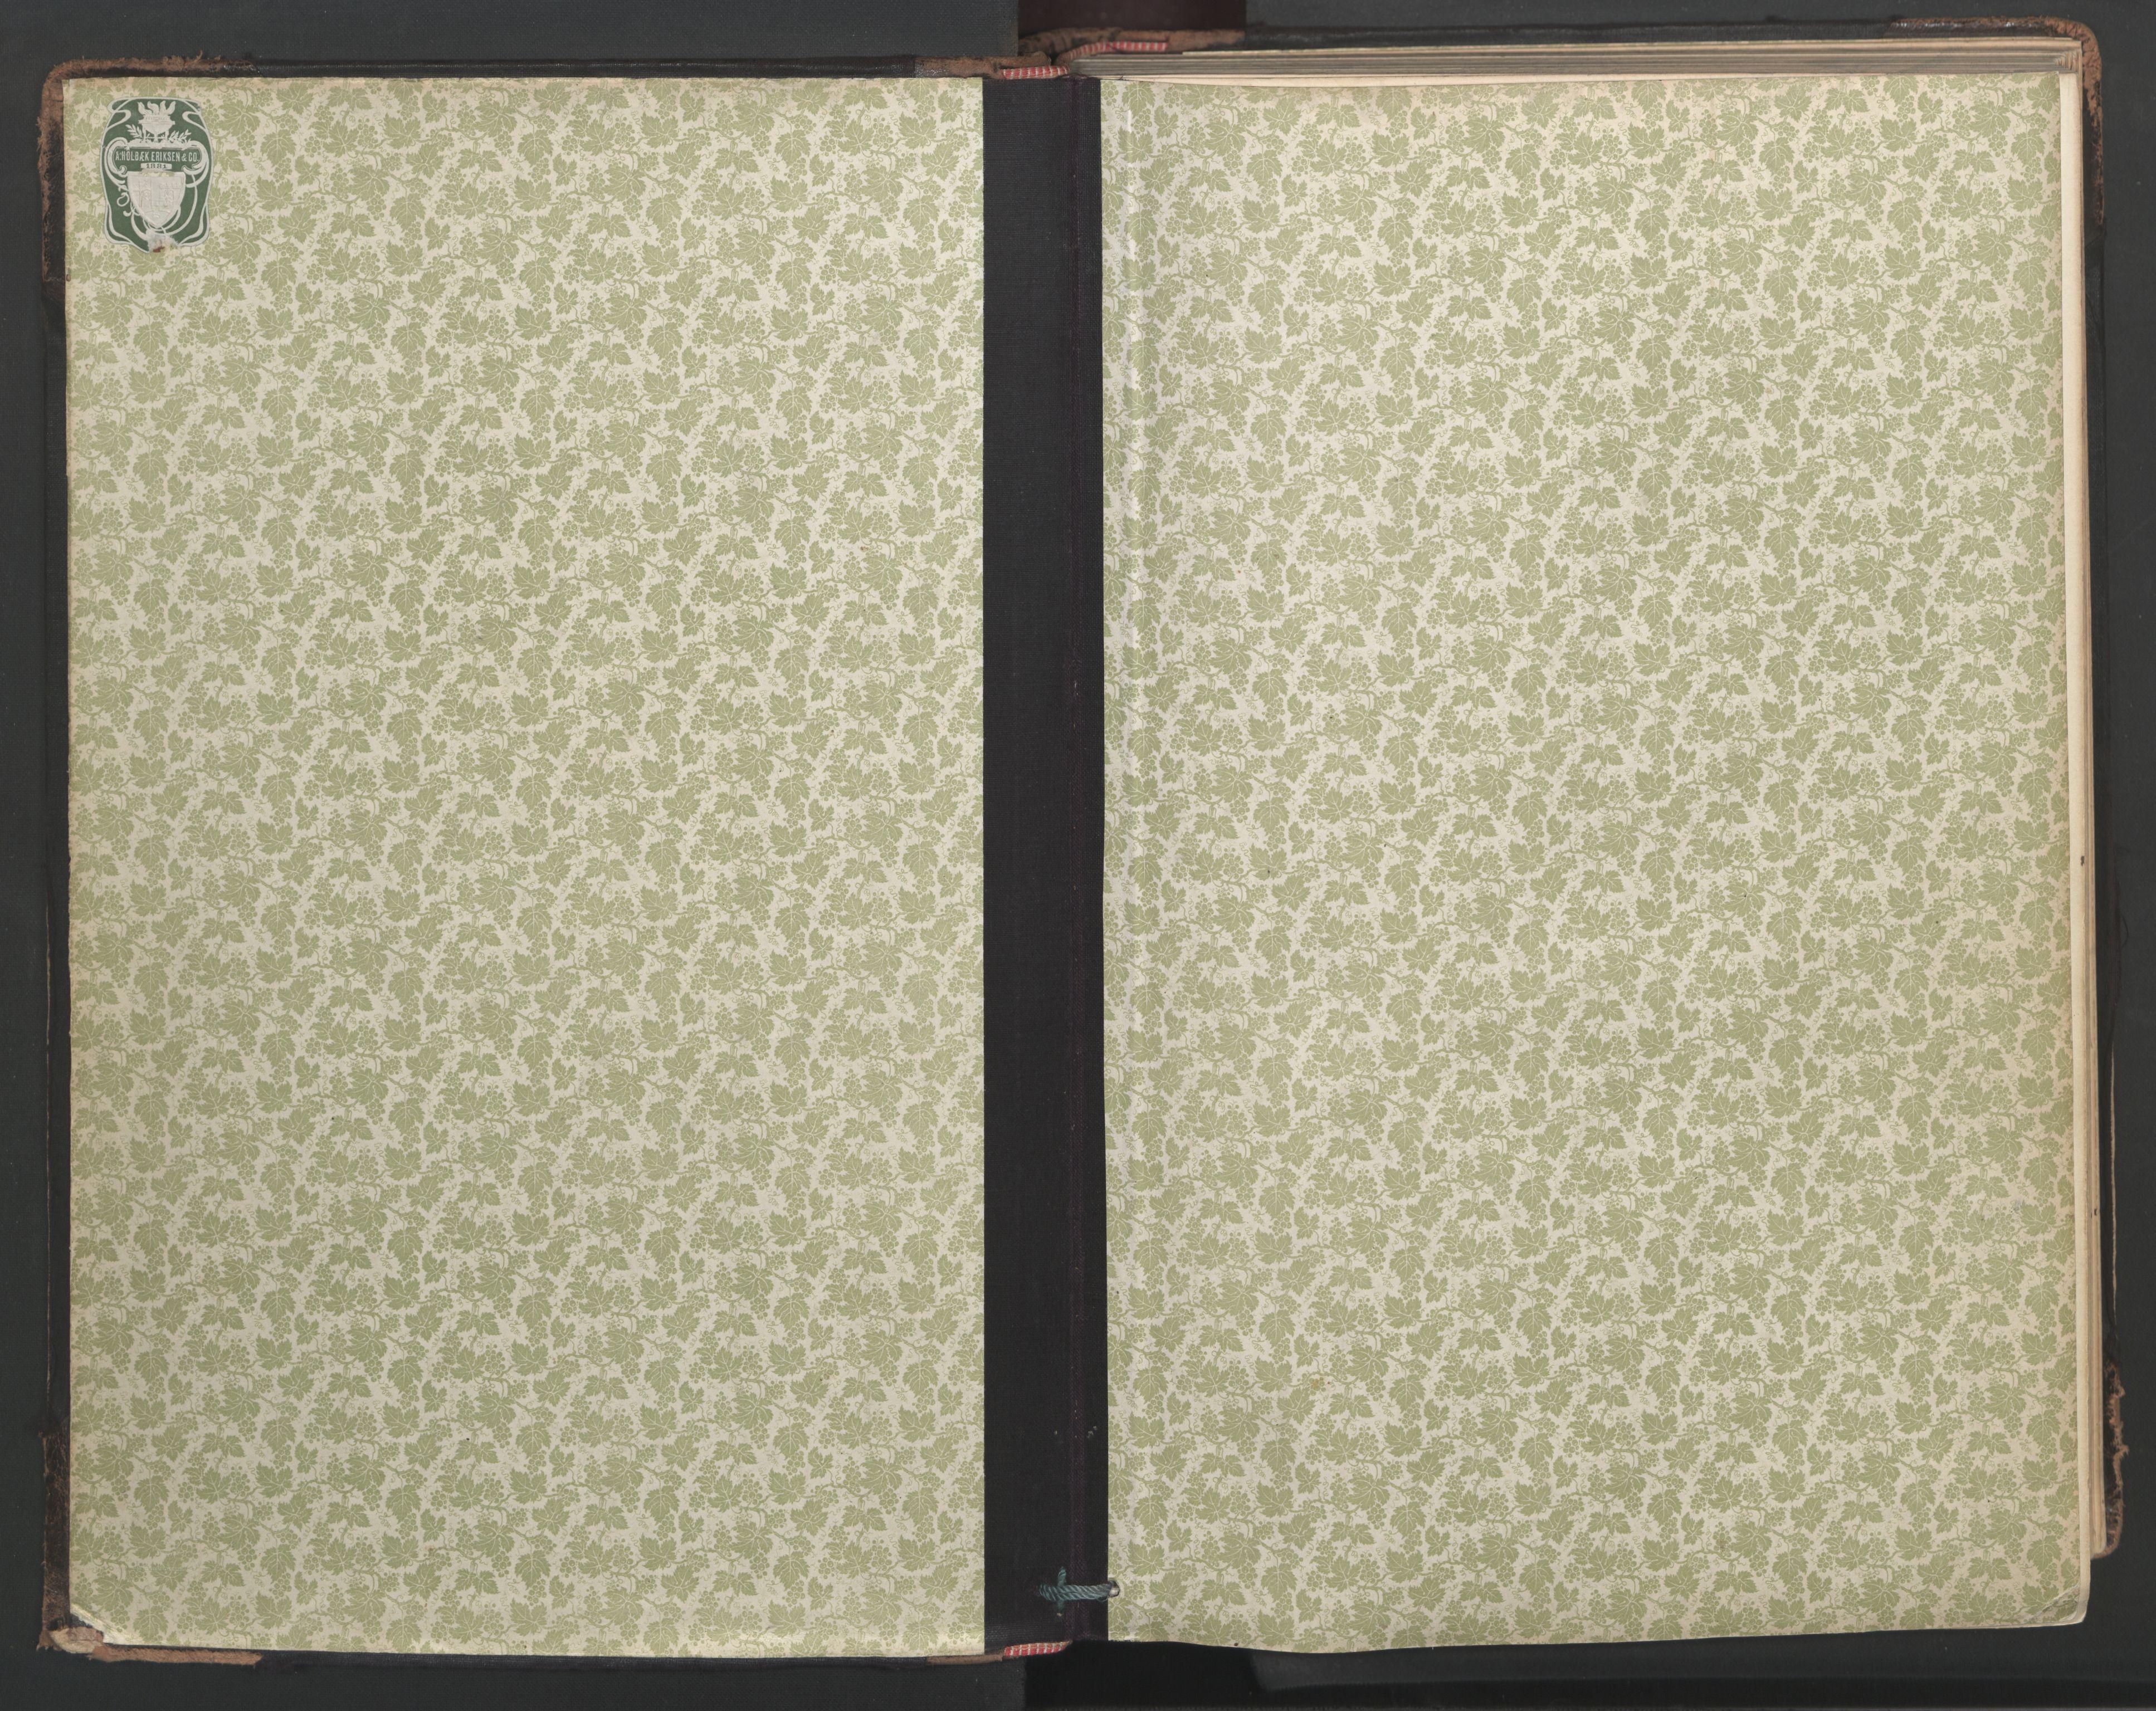 SAT, Ministerialprotokoller, klokkerbøker og fødselsregistre - Nord-Trøndelag, 713/L0123: Parish register (official) no. 713A12, 1911-1925